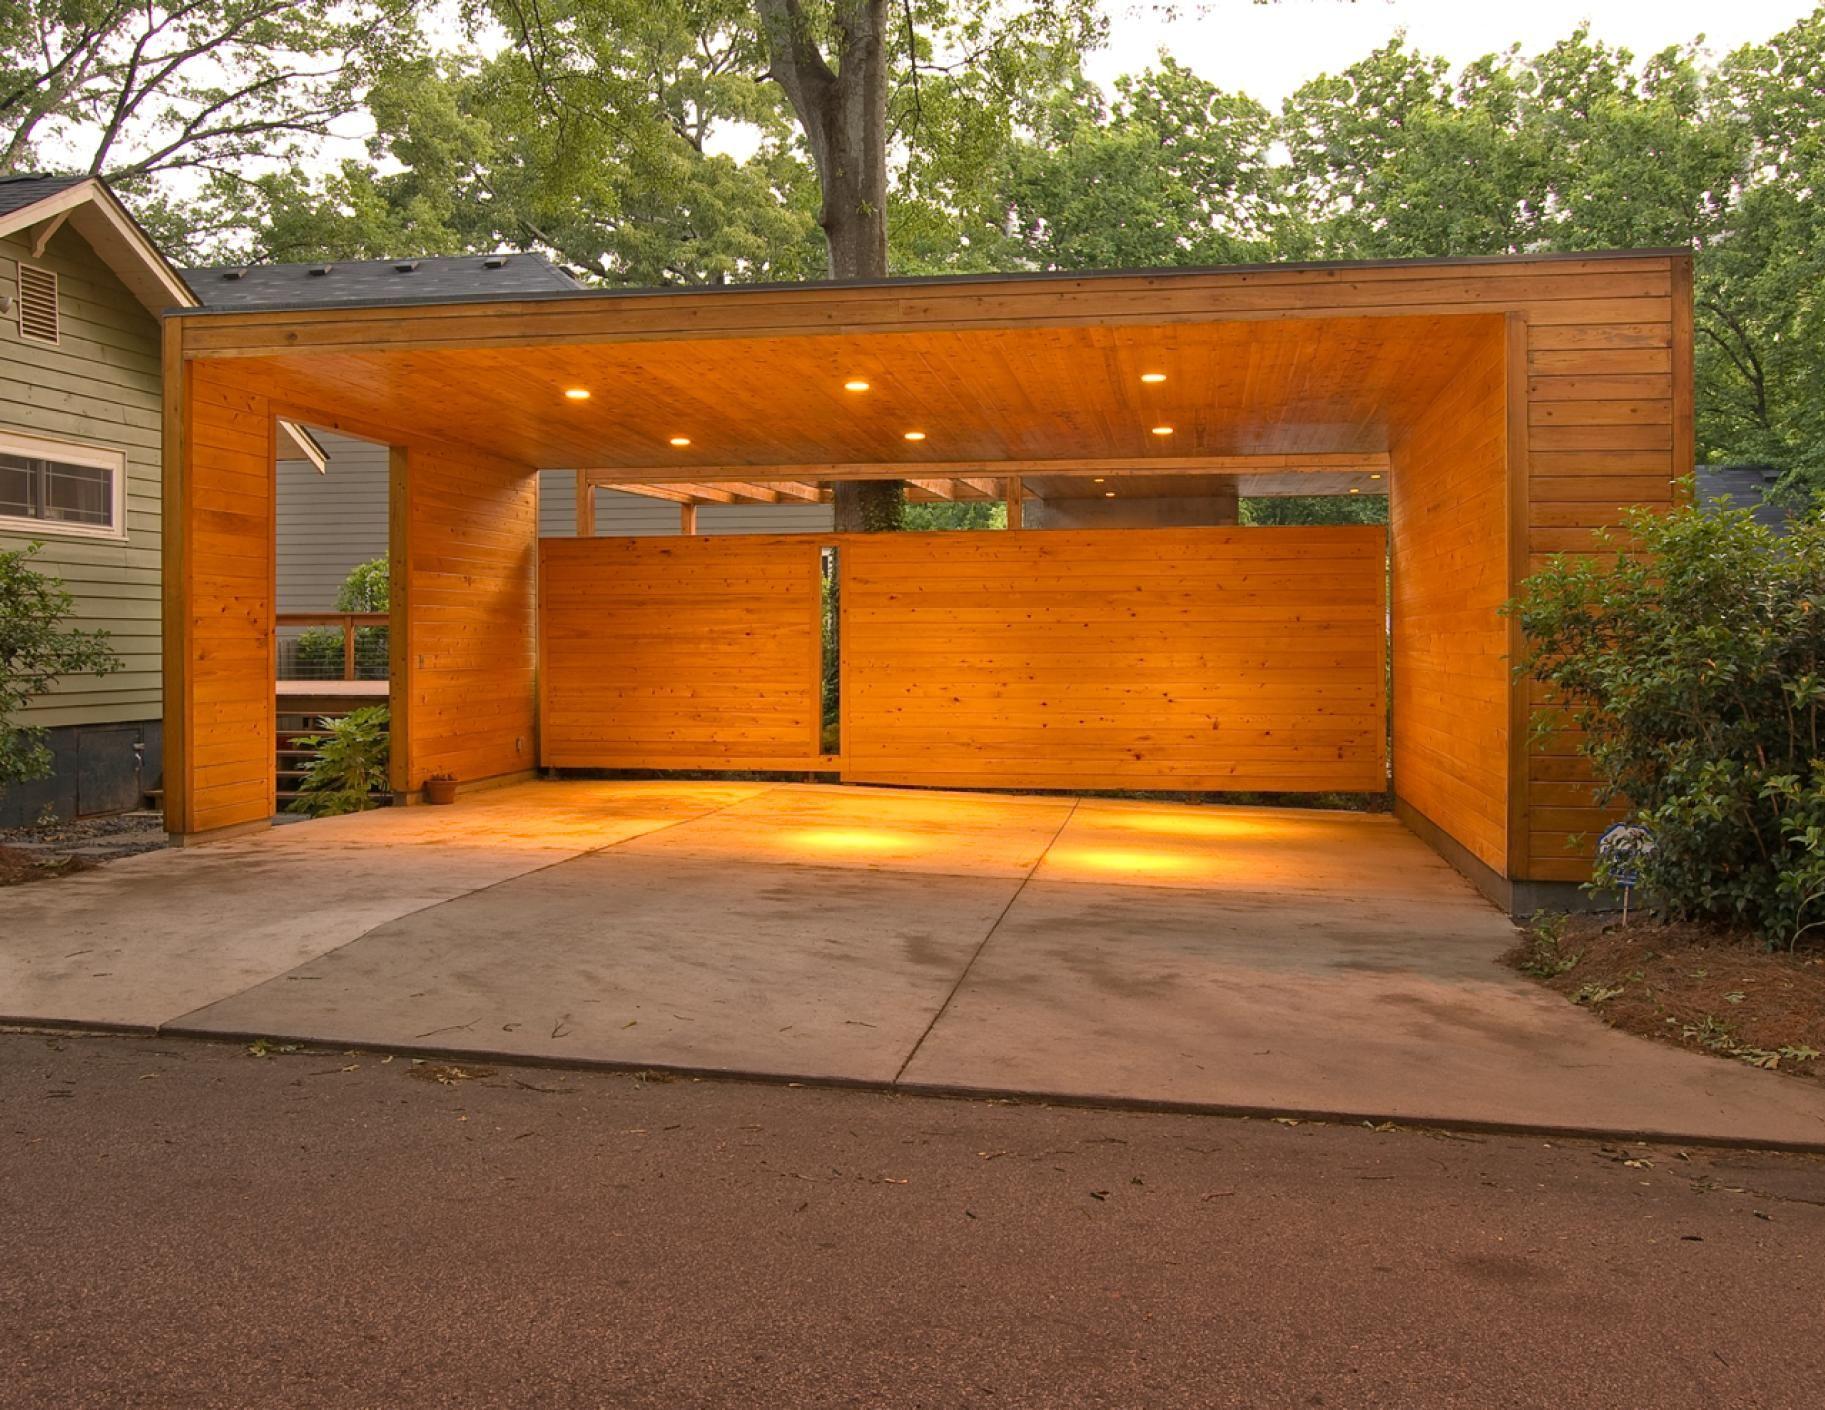 Auvent en bois avec éclairage intégré